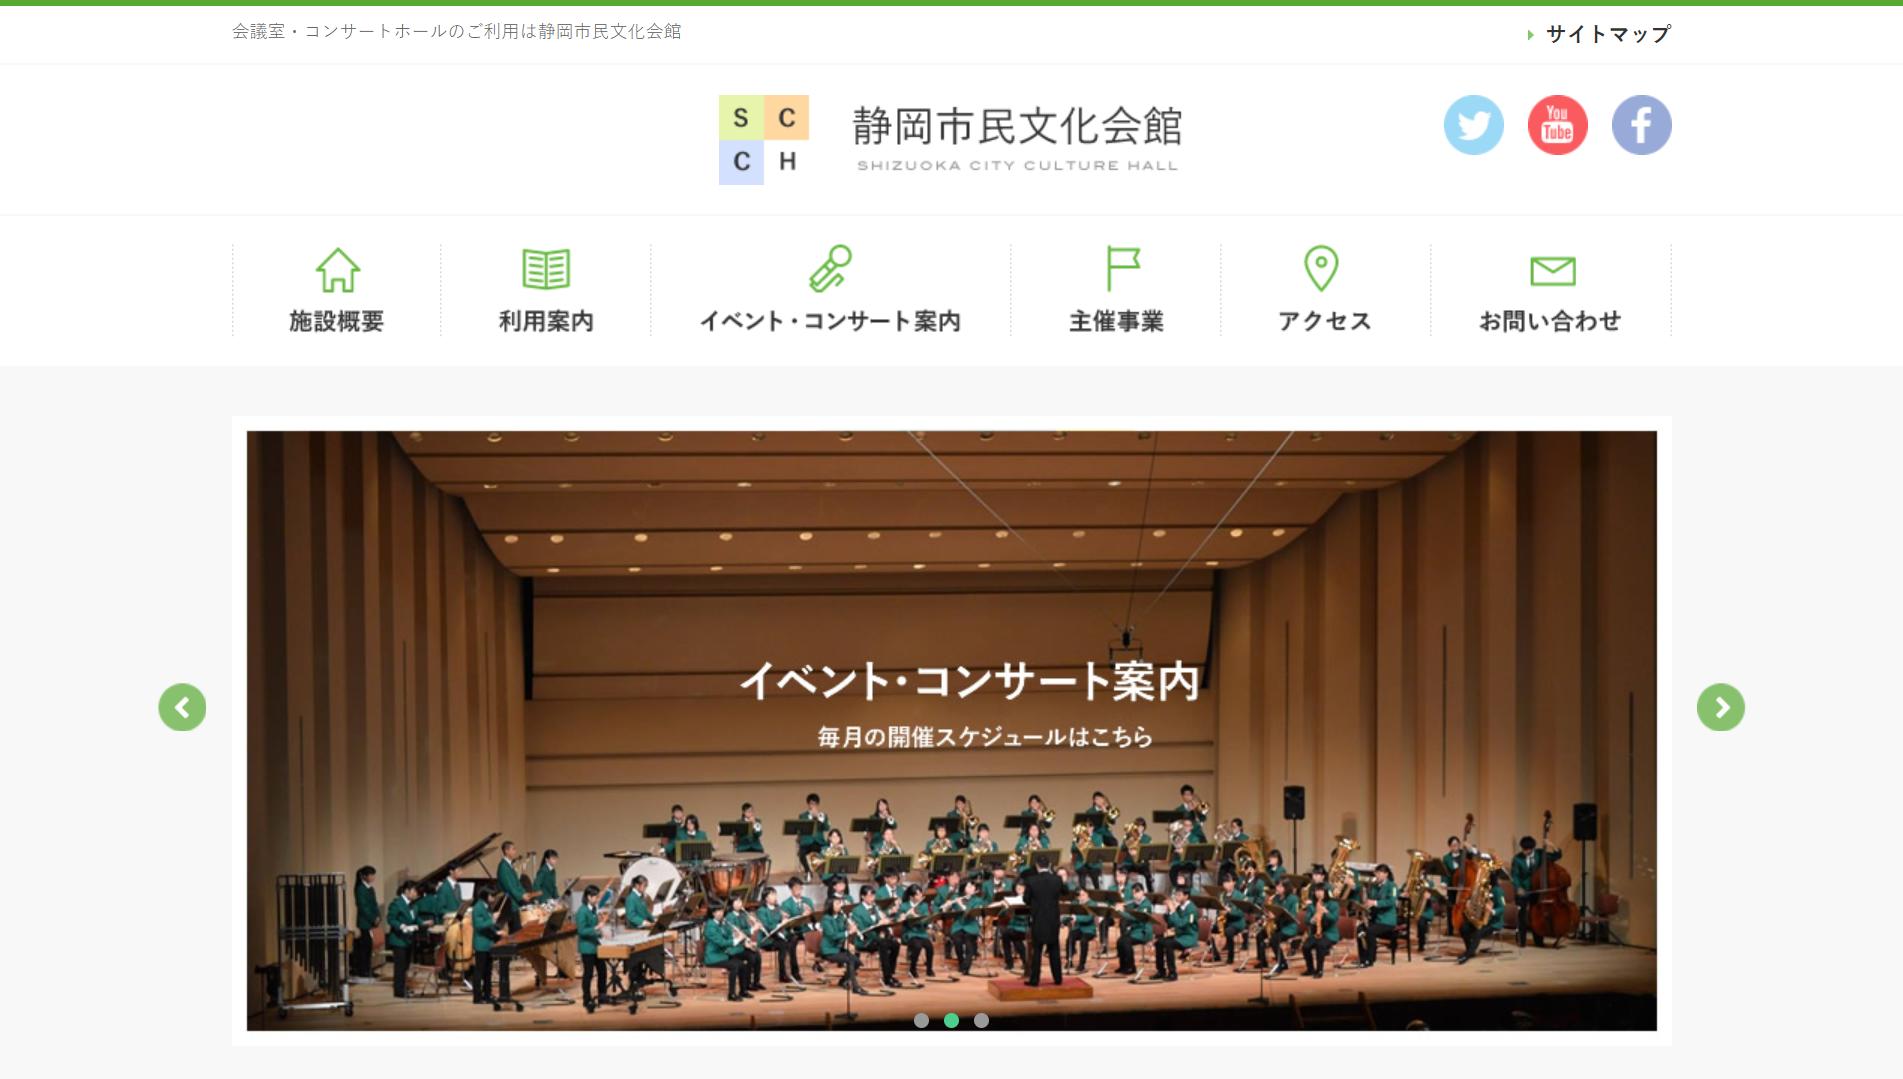 静岡市民文化会館の座席表と会場情報